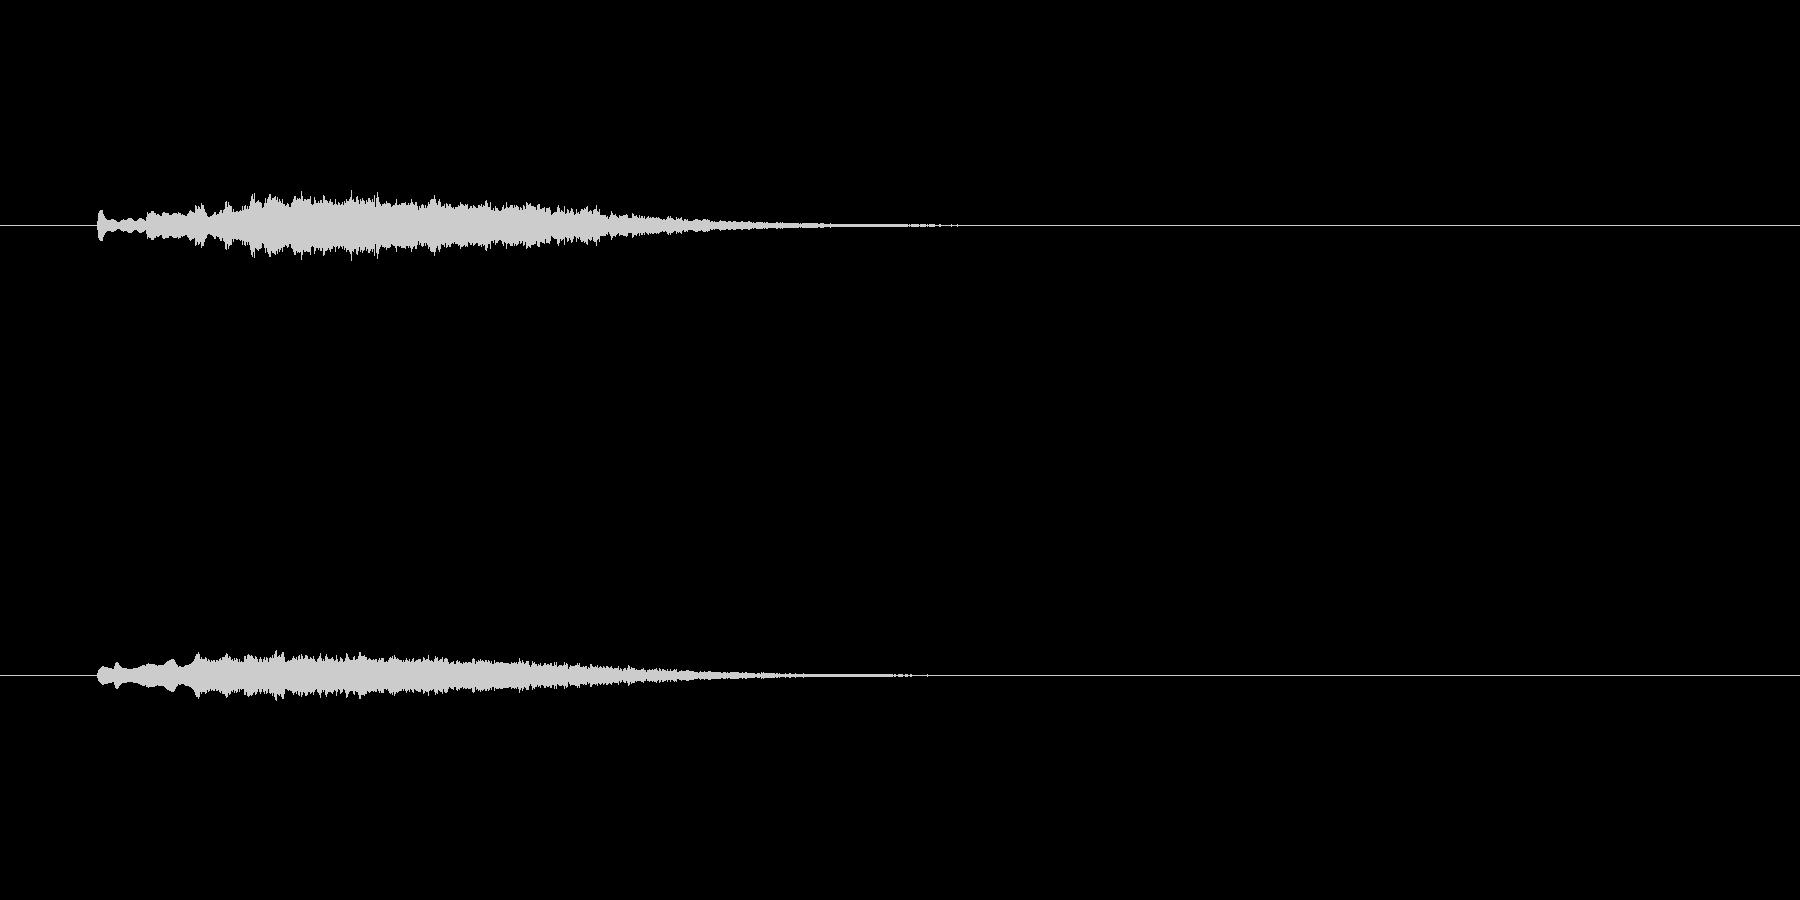 ジングル(ほのぼのとした感じ)の未再生の波形